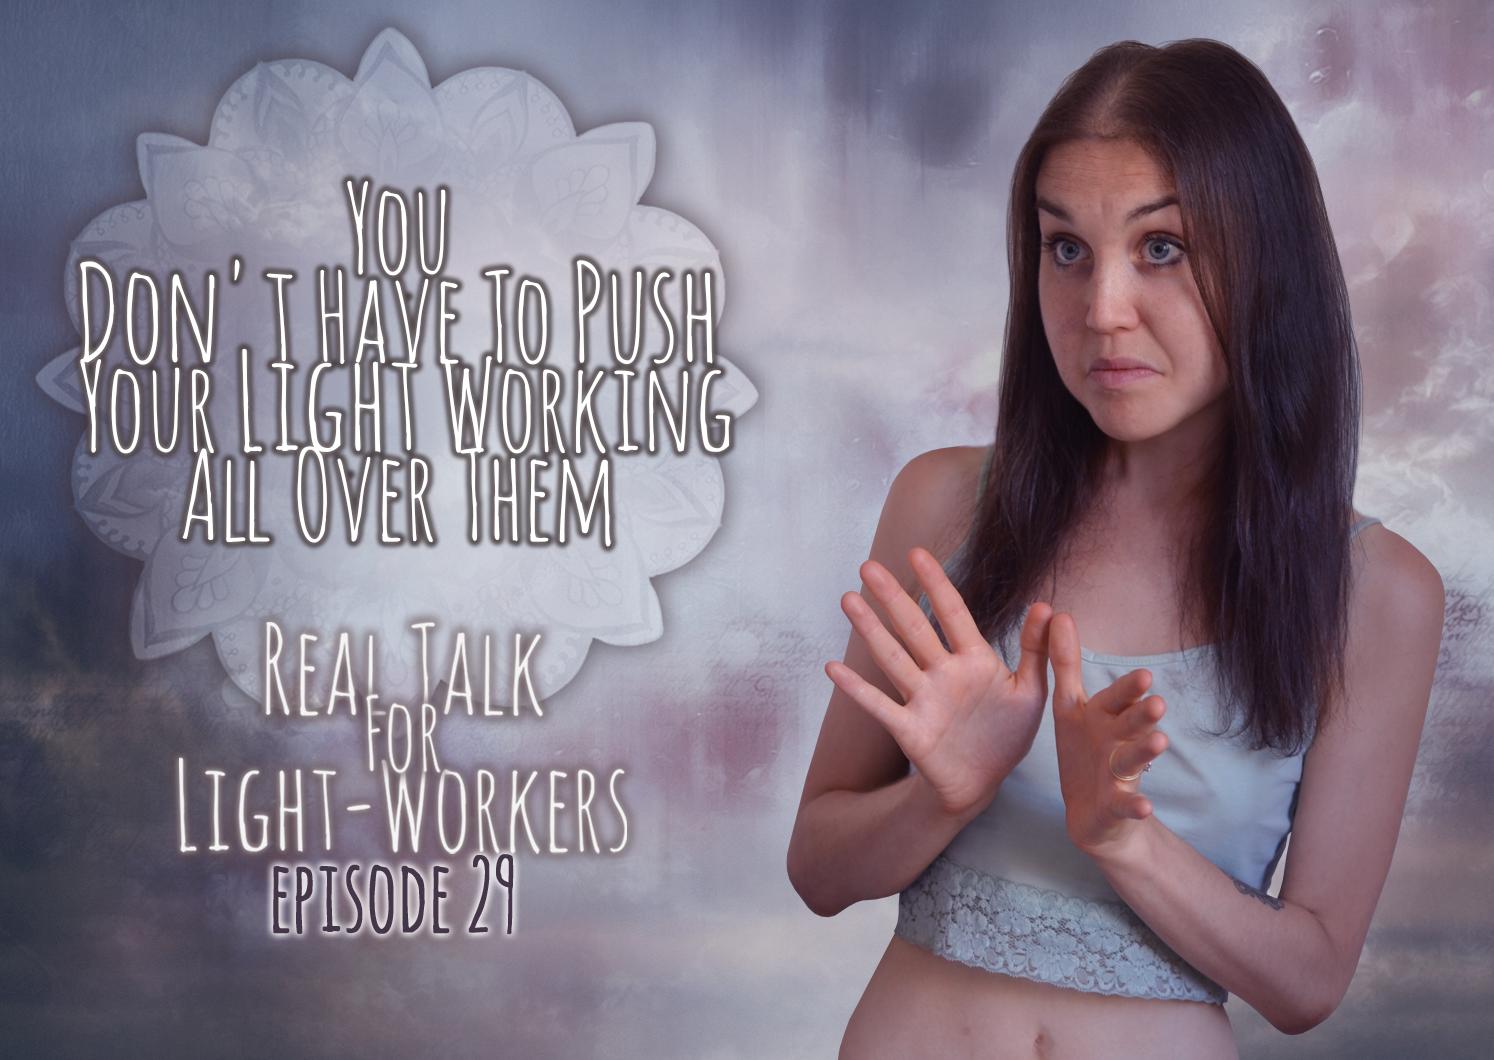 R.T.F.L.W.E.29: You Don't Have To Push Your Light Working On Them